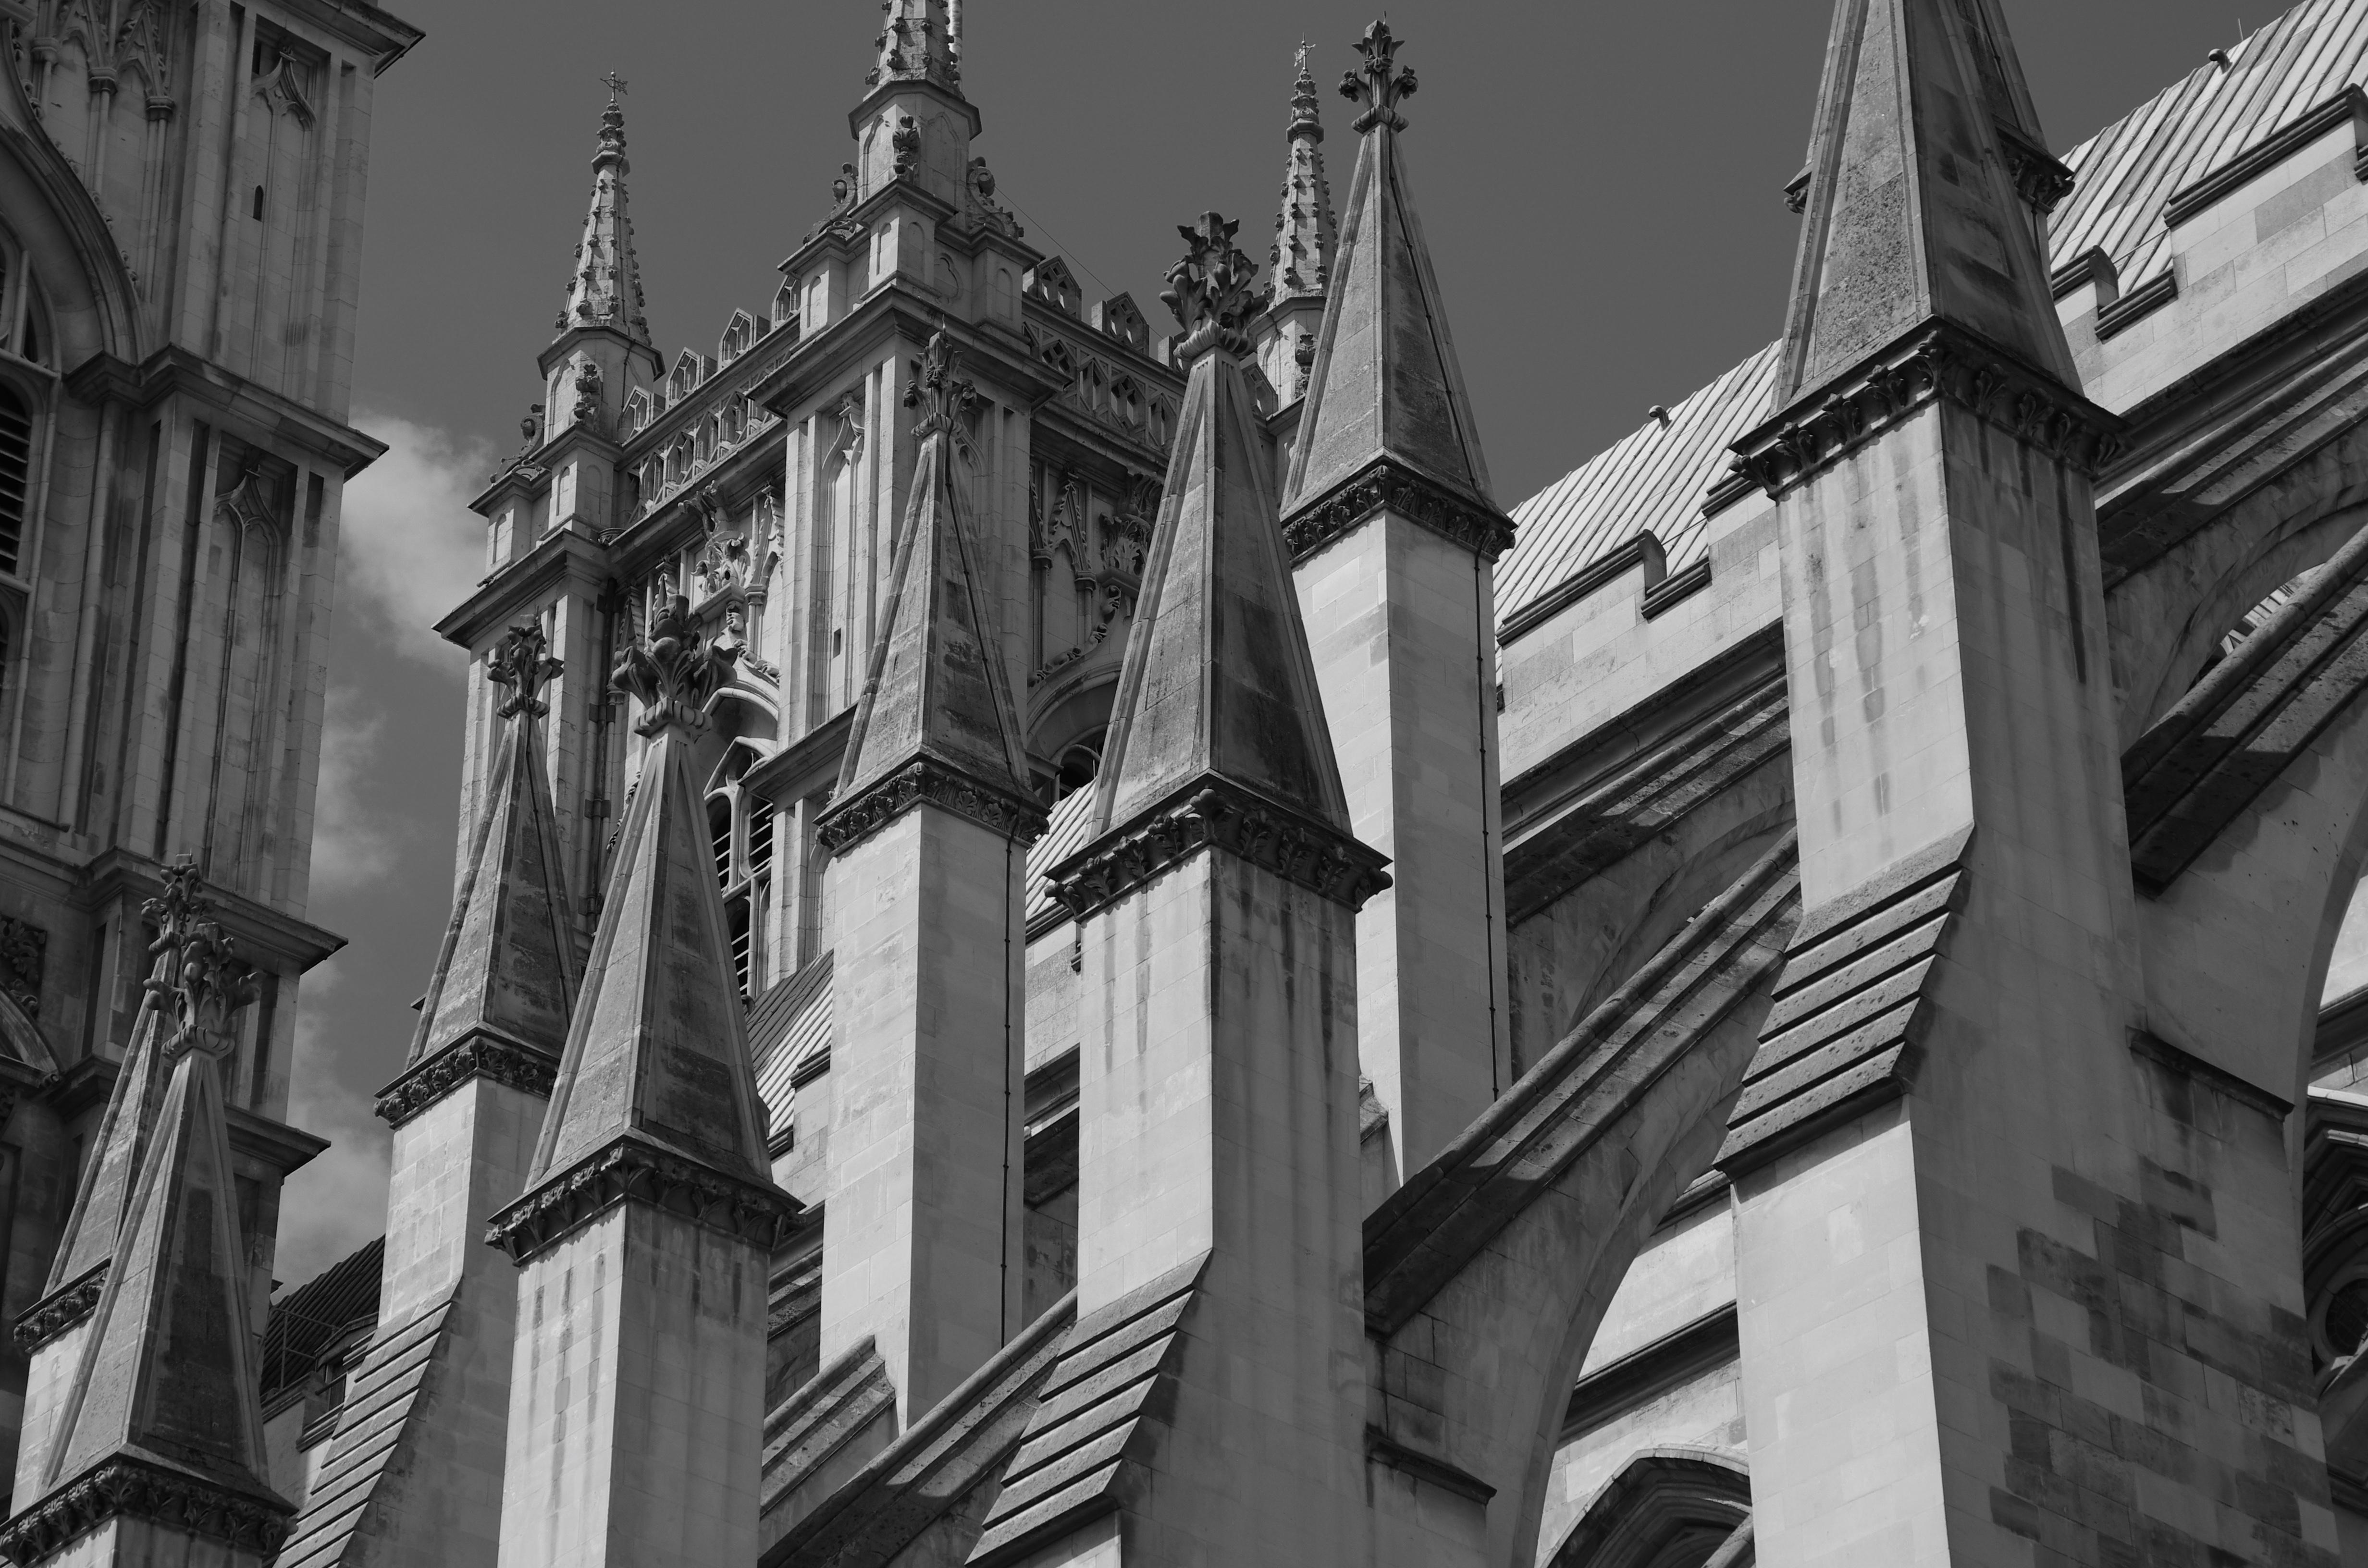 Westminster steeples